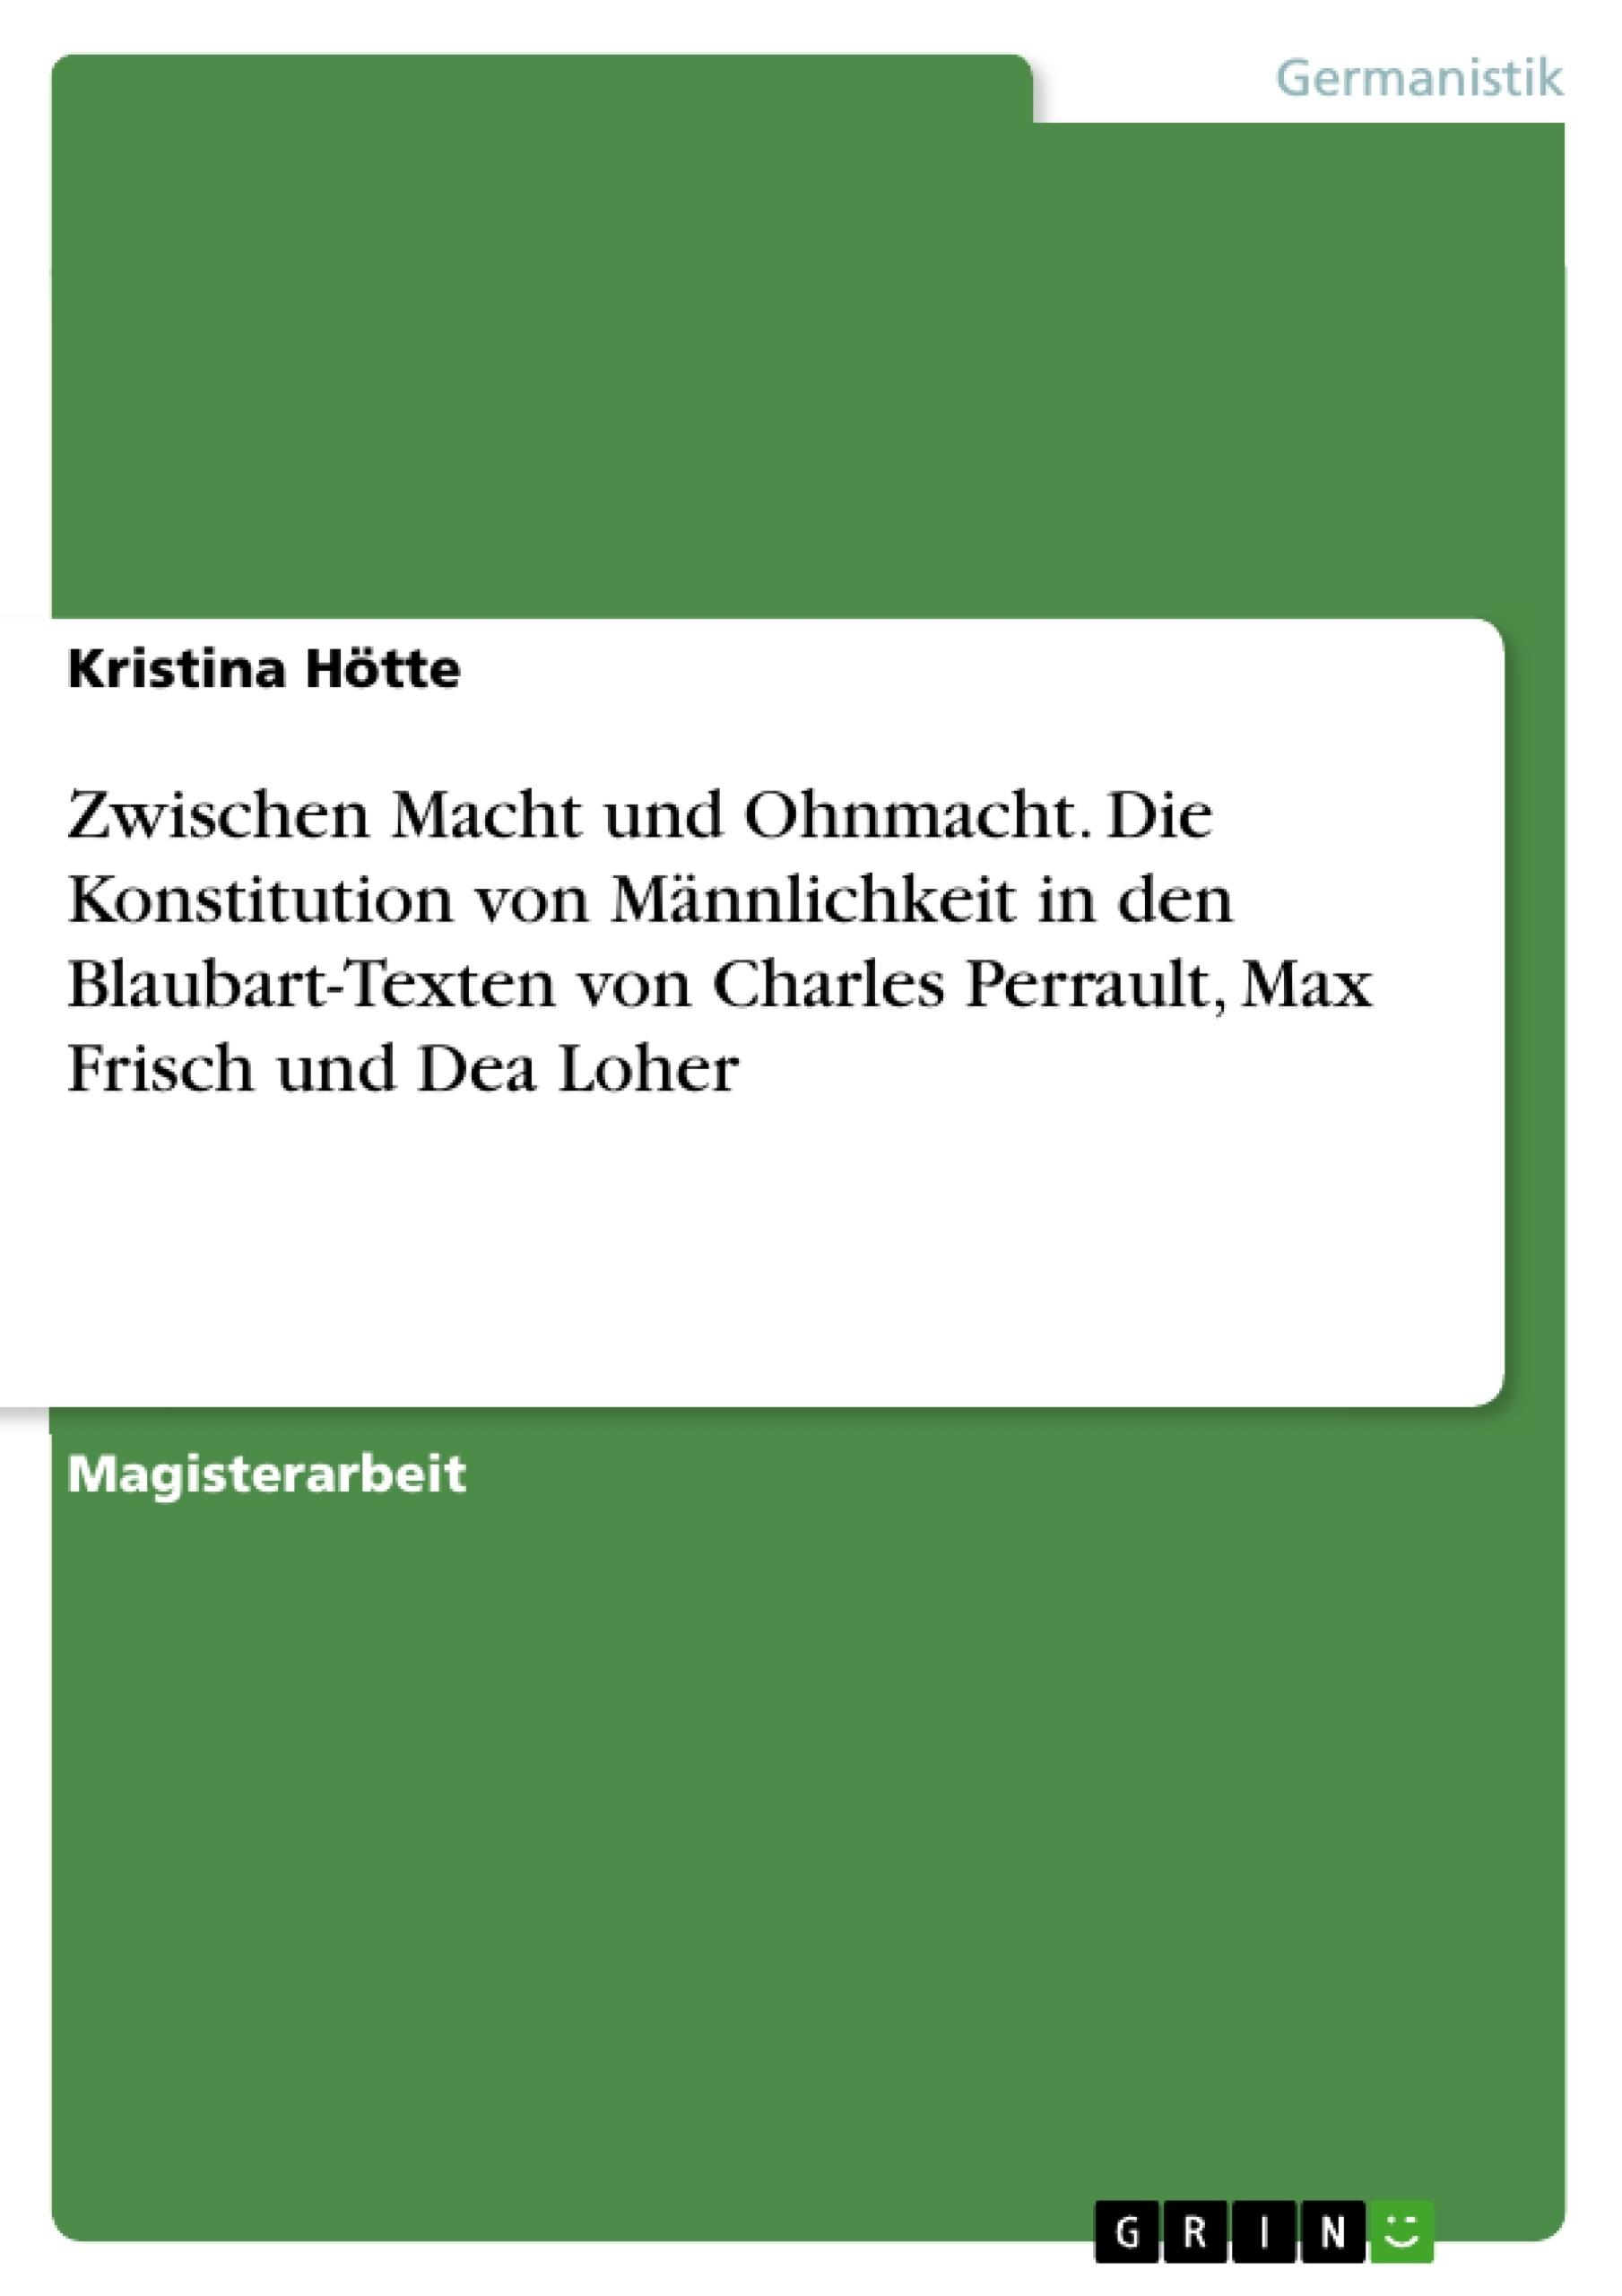 Titel: Zwischen Macht und Ohnmacht. Die Konstitution von Männlichkeit in den Blaubart-Texten von Charles Perrault, Max Frisch und Dea Loher